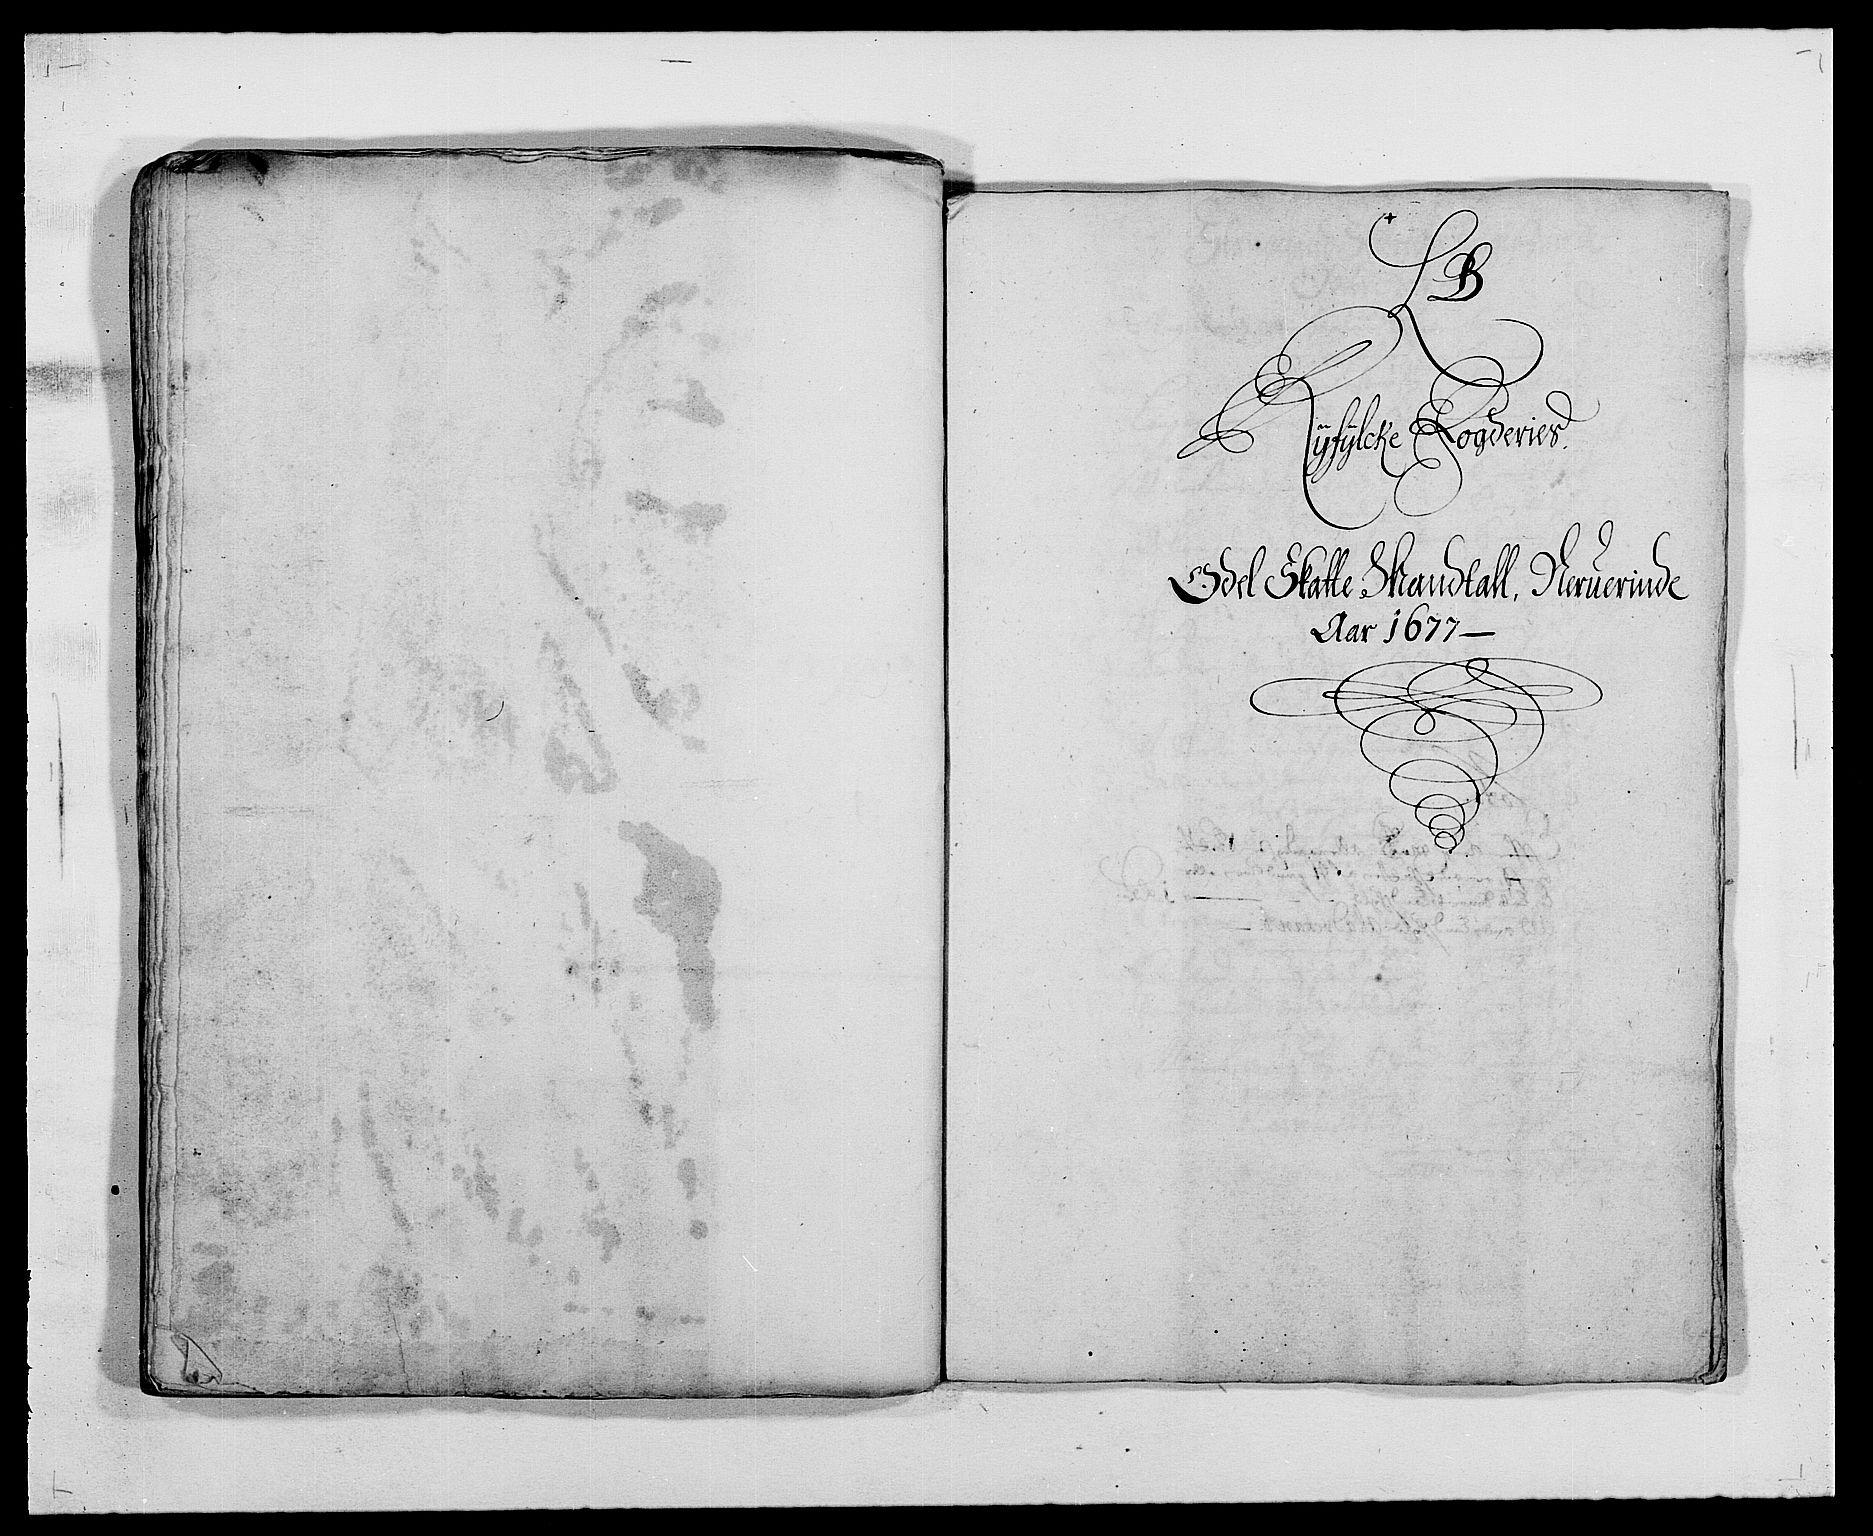 RA, Rentekammeret inntil 1814, Reviderte regnskaper, Fogderegnskap, R47/L2847: Fogderegnskap Ryfylke, 1677, s. 55